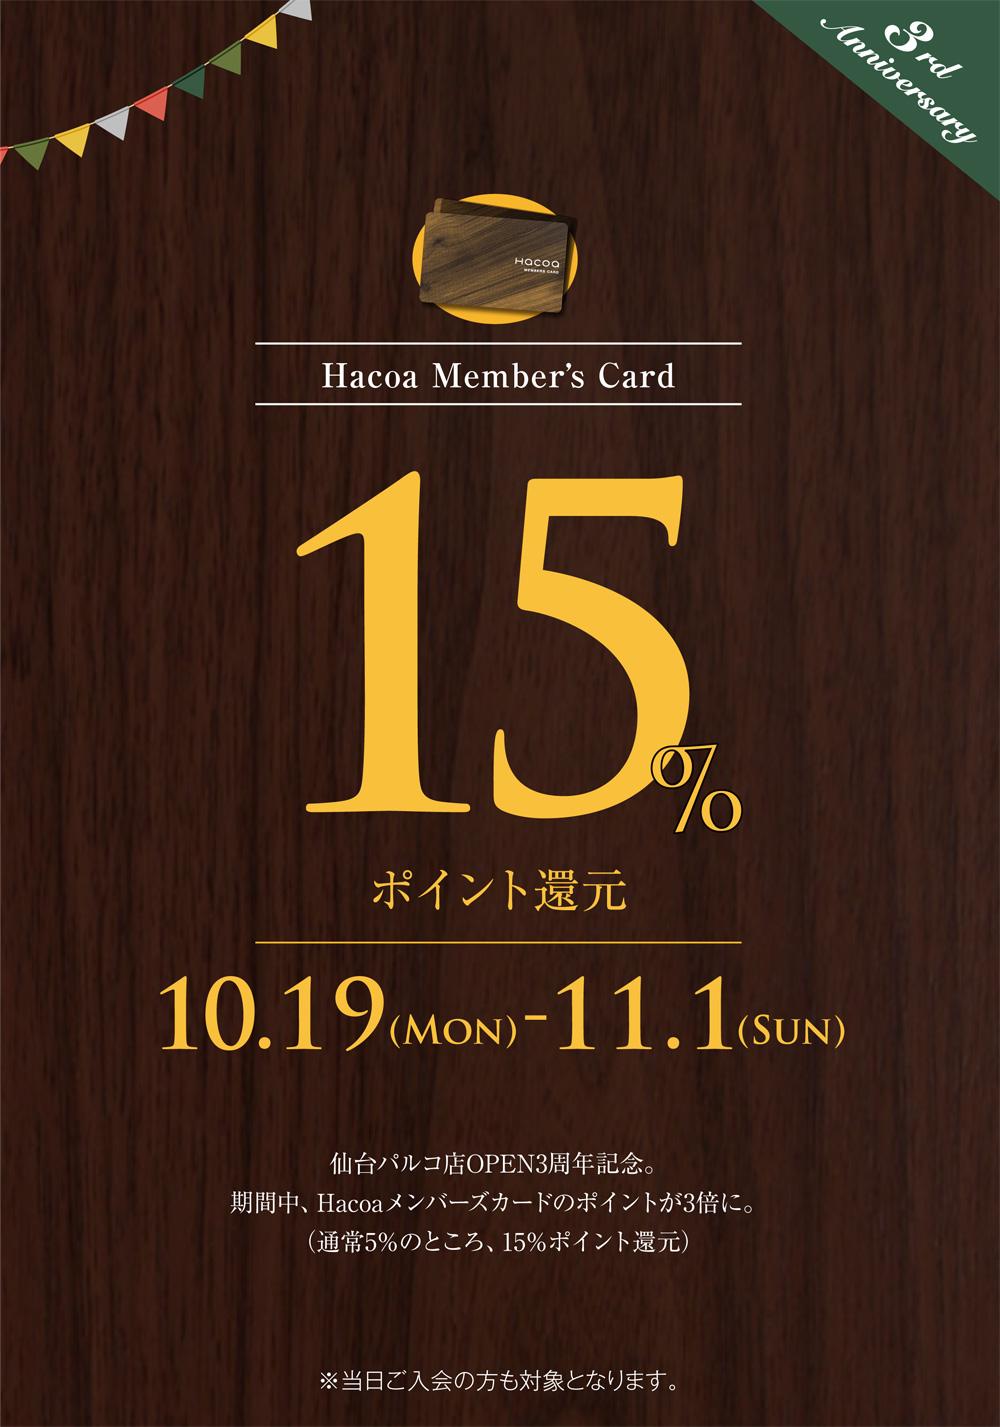 仙台パルコ店3周年記念-ポイント3倍15%還元